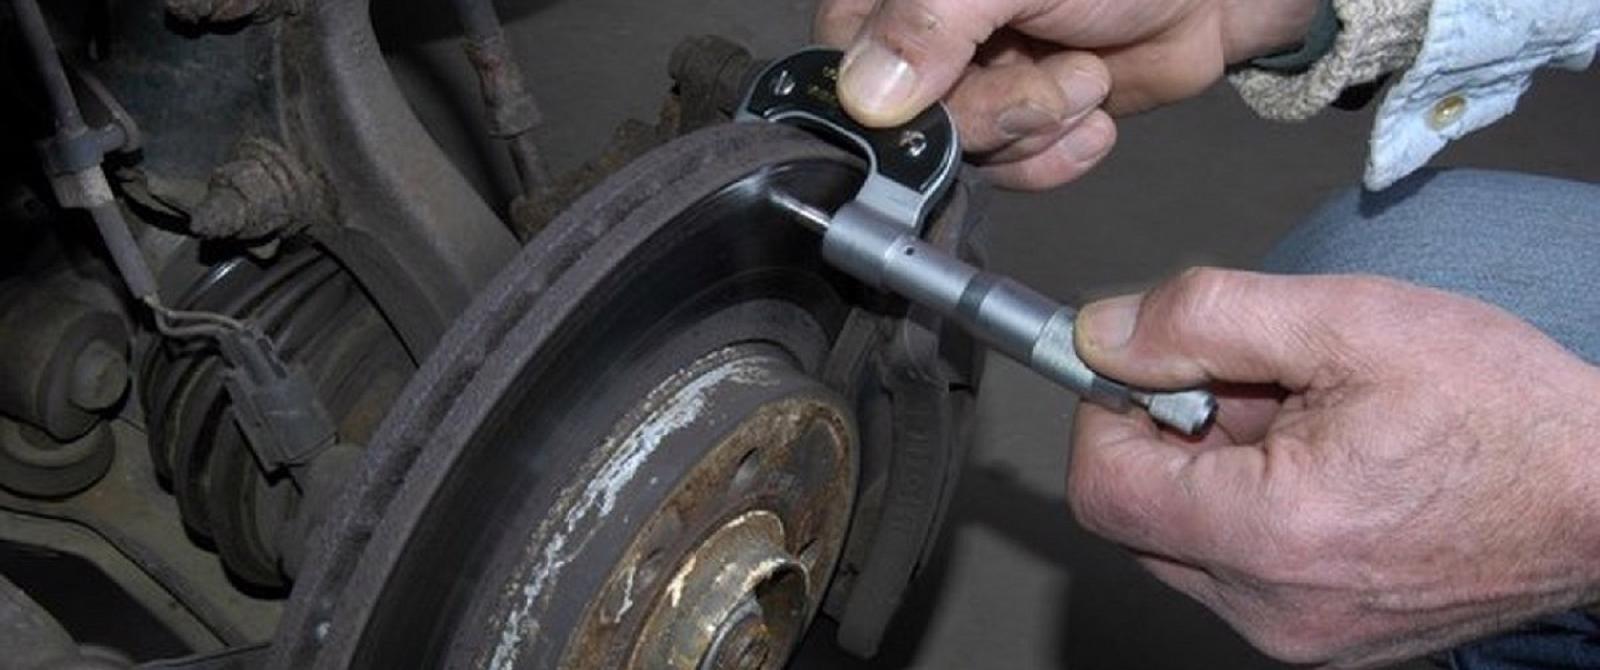 Xử lý như thế nào khi phanh xe ô tô bị bó cứng?